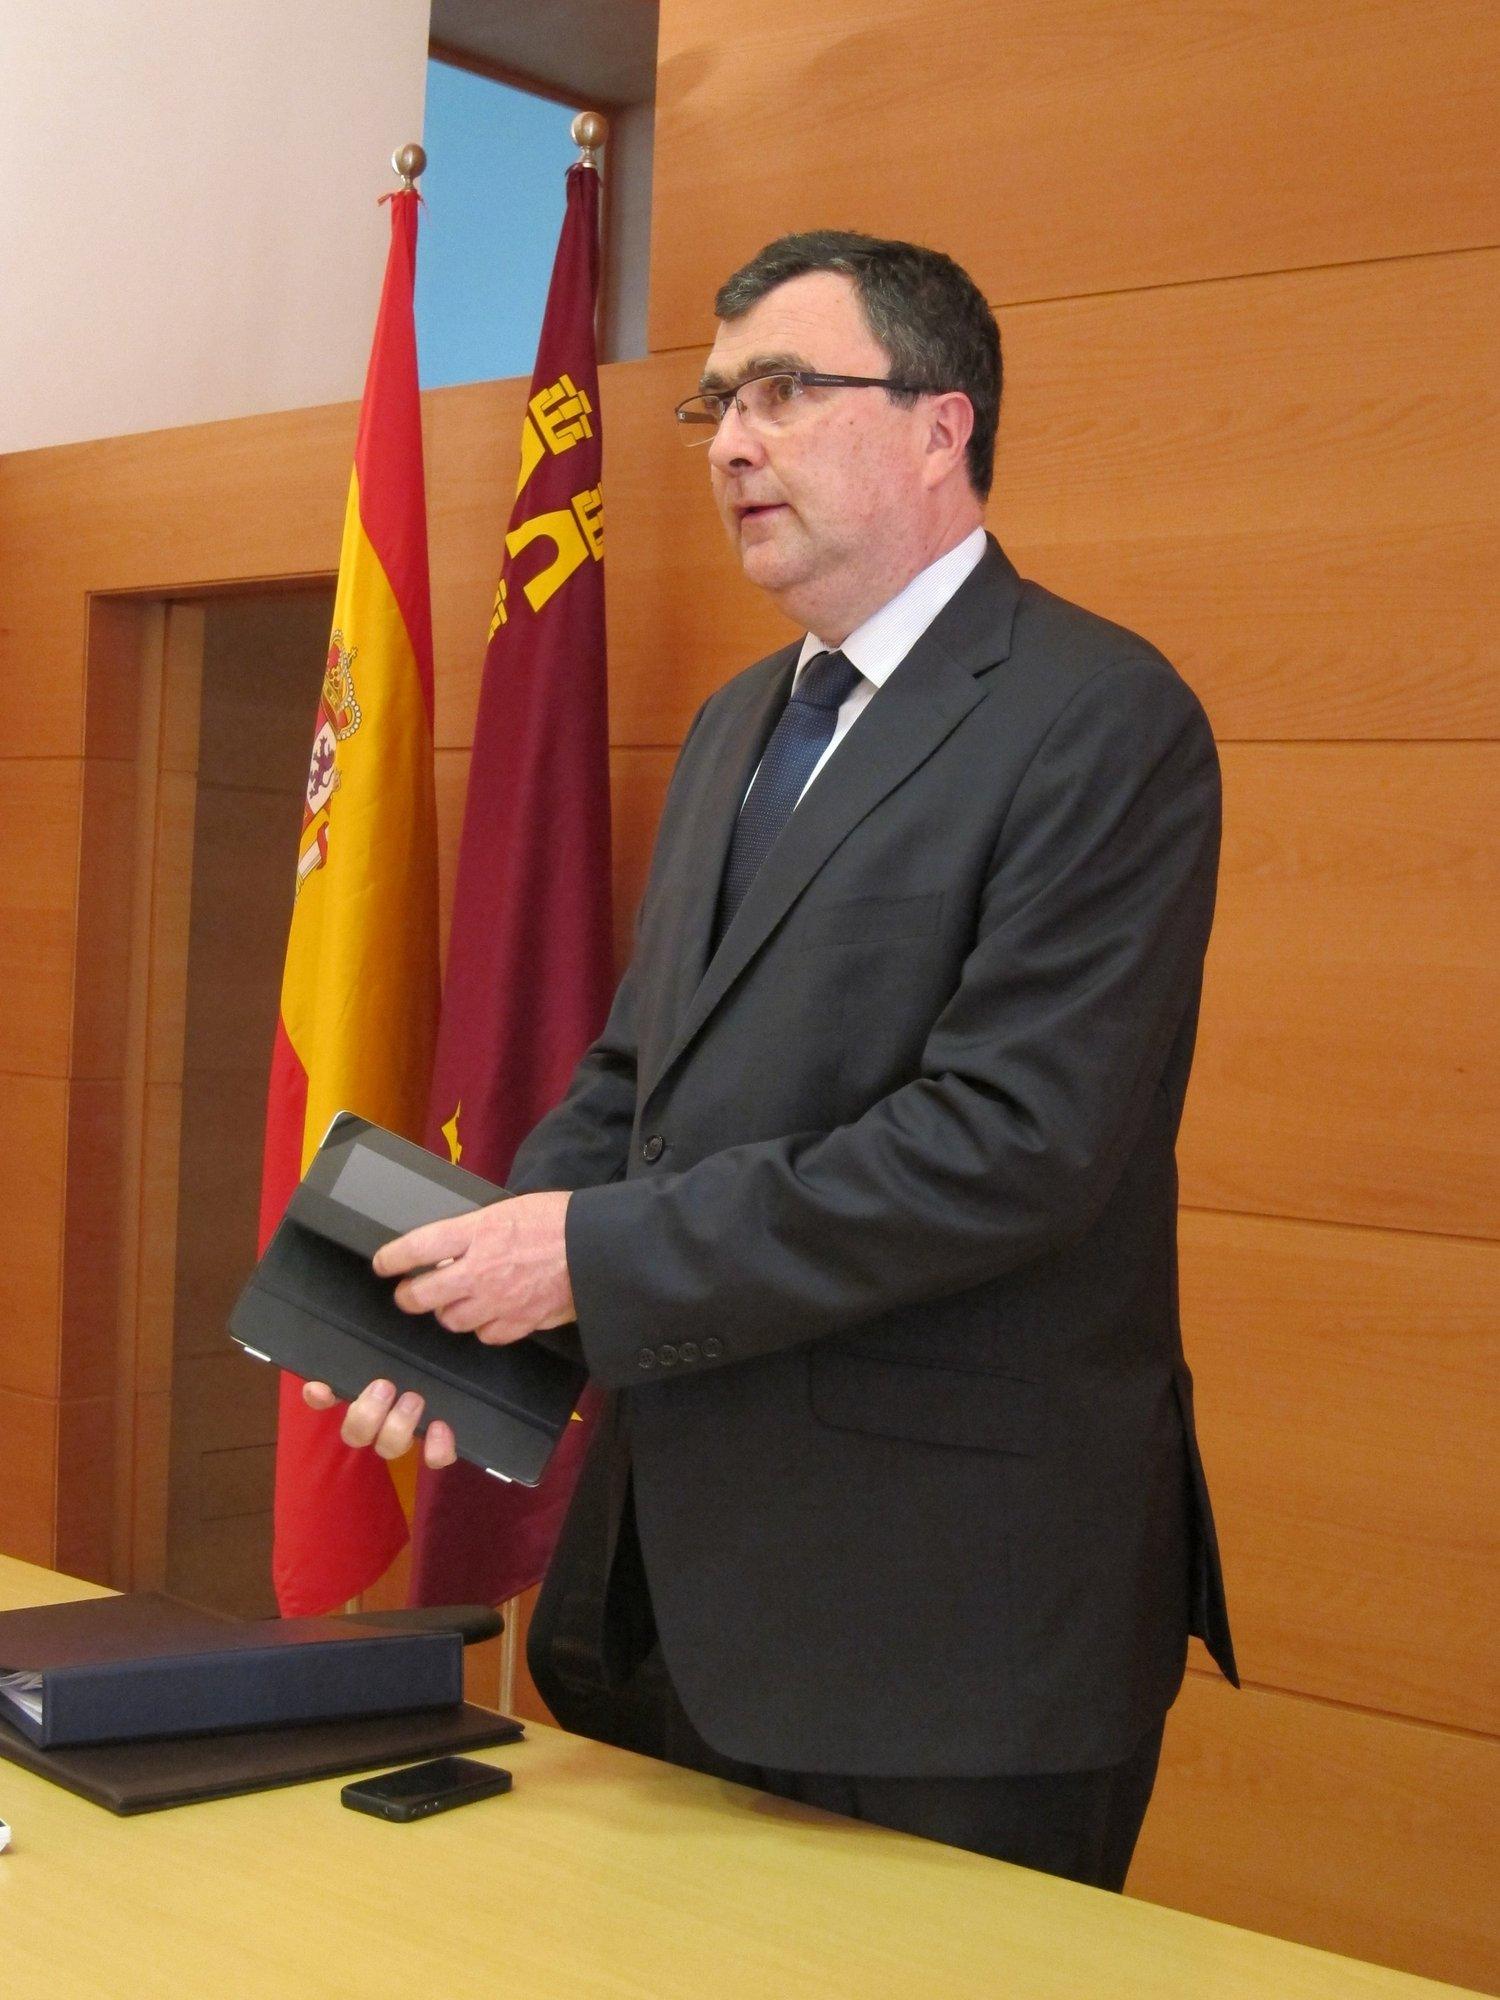 Gobierno murciano asegura que no va a tocar los derechos «ya consolidados» de ciudadanos en prestaciones sociales